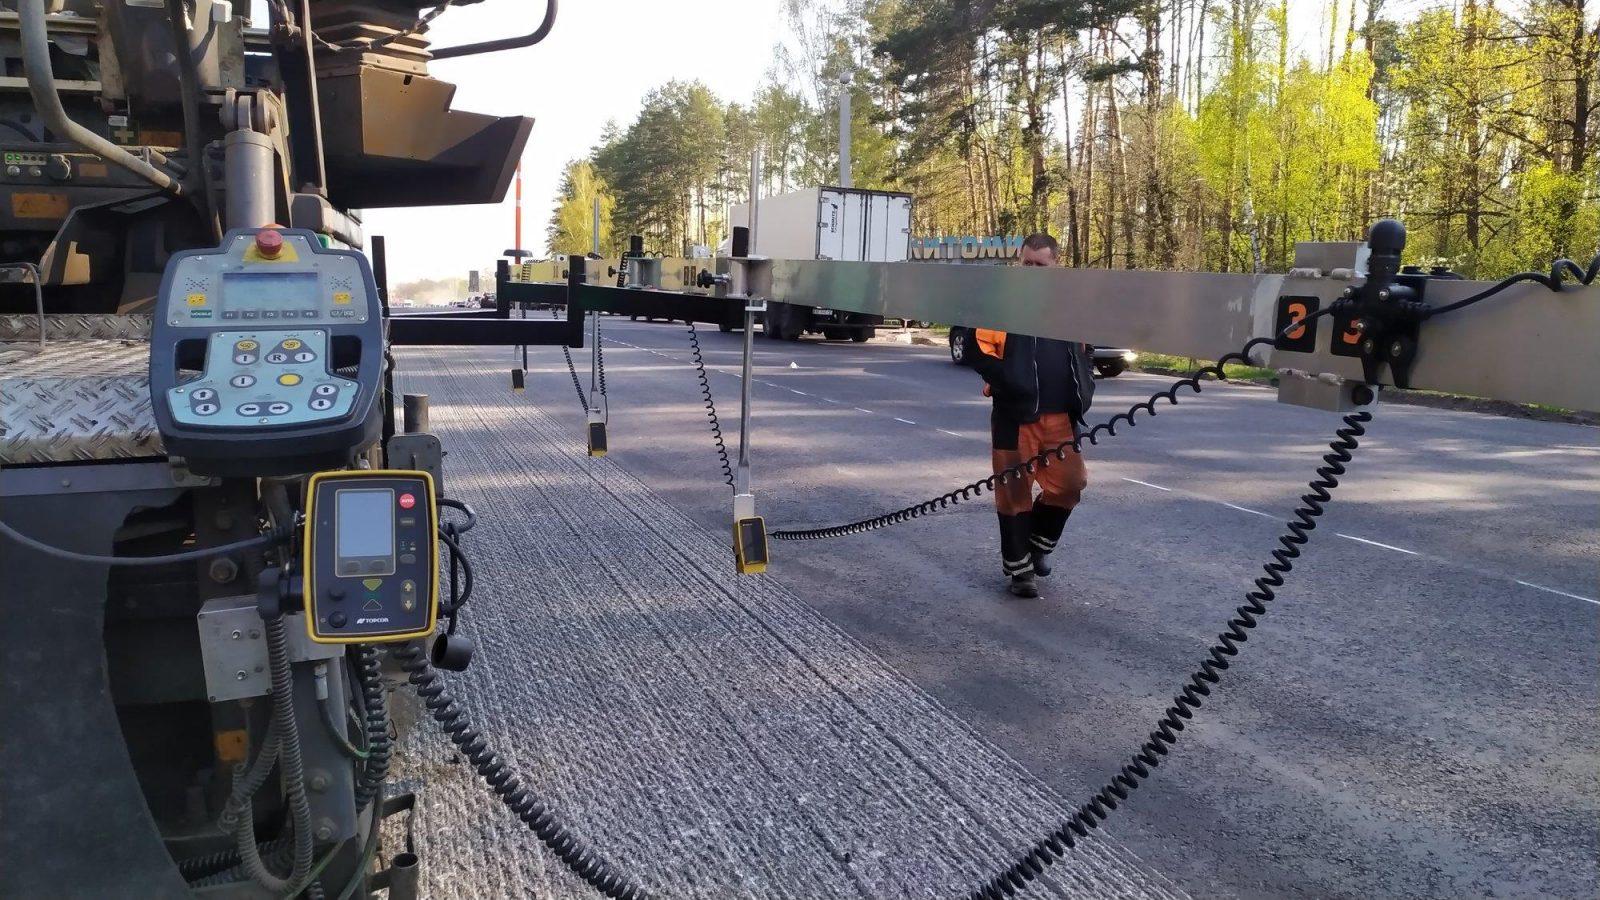 Оборудование Topcon Positioning Systems, как инструмент экономии и повышения качества дорожного строительства